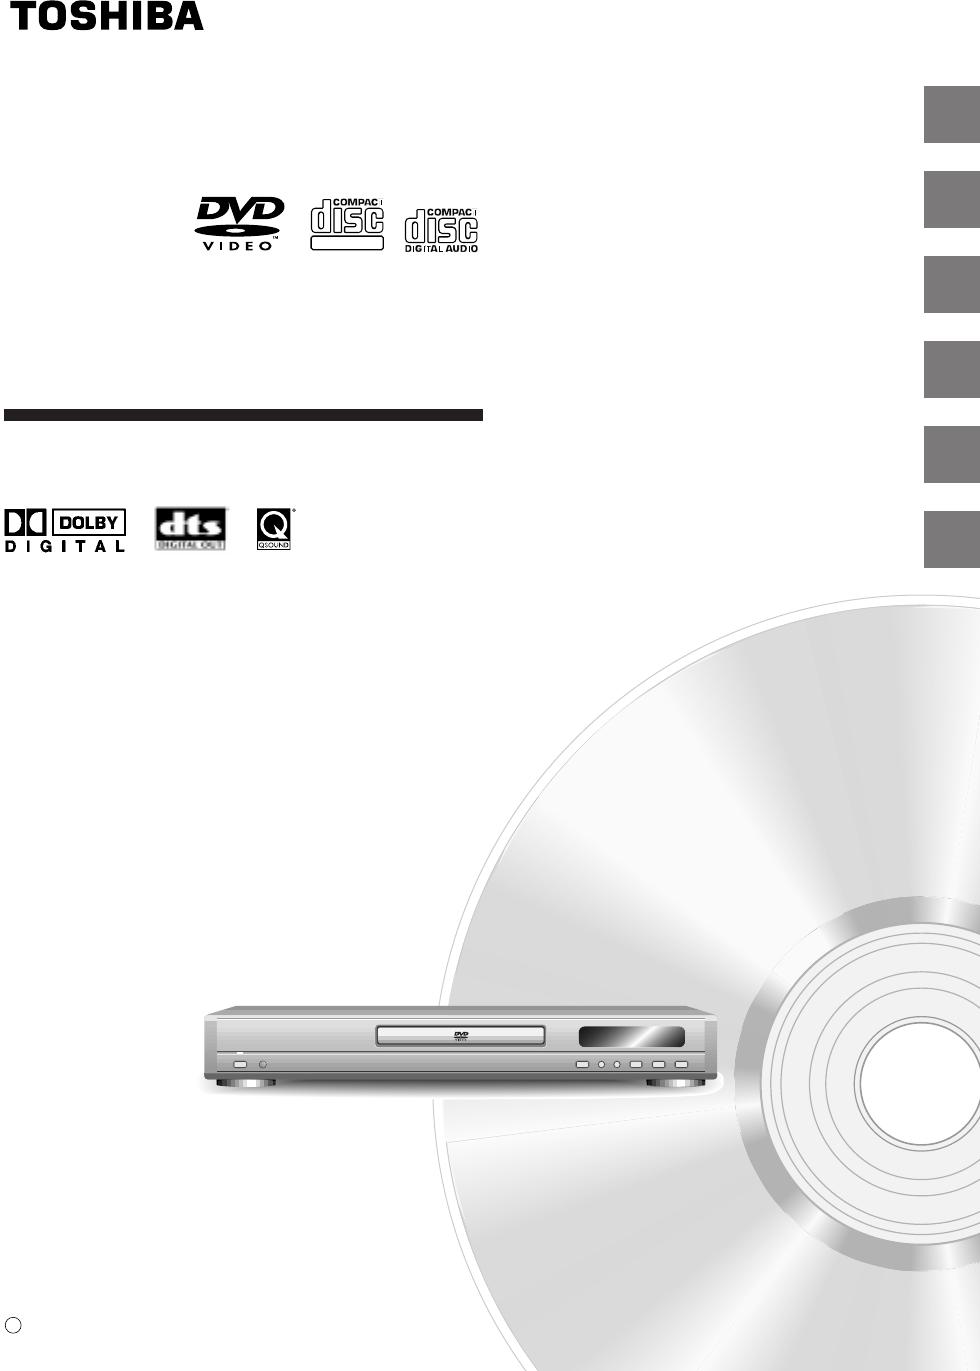 toshiba dvd player sd k510 user guide manualsonline com rh tv manualsonline com